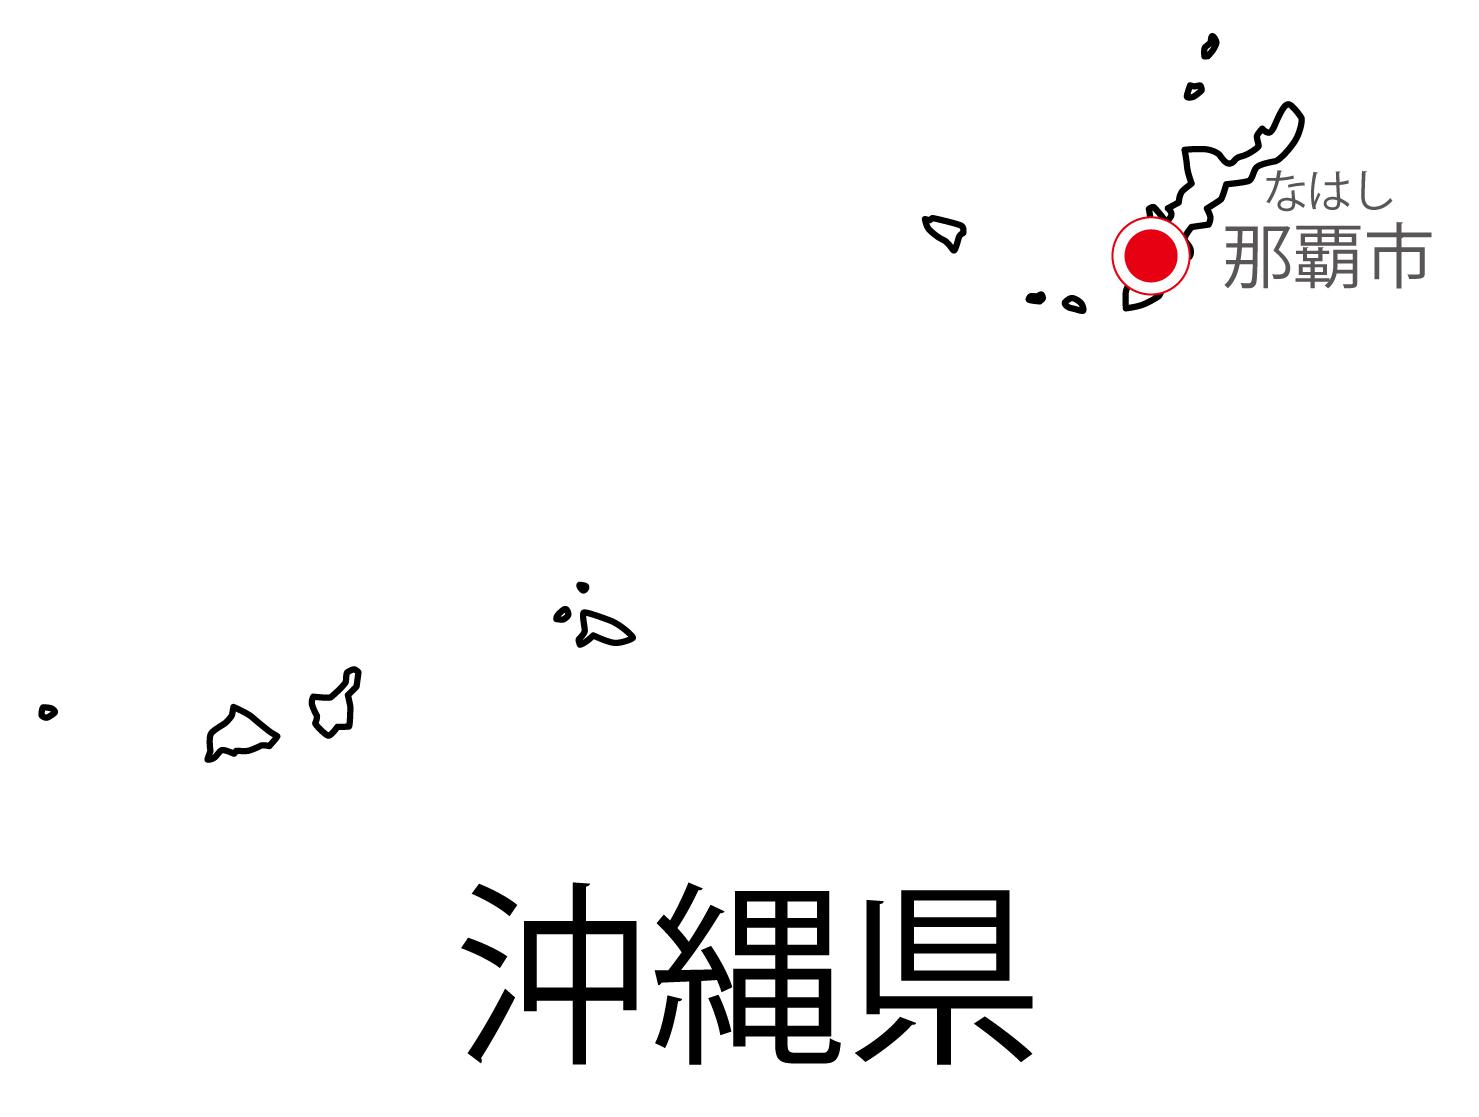 沖縄県無料フリーイラスト|日本語・都道府県名あり・県庁所在地あり・ルビあり(白)